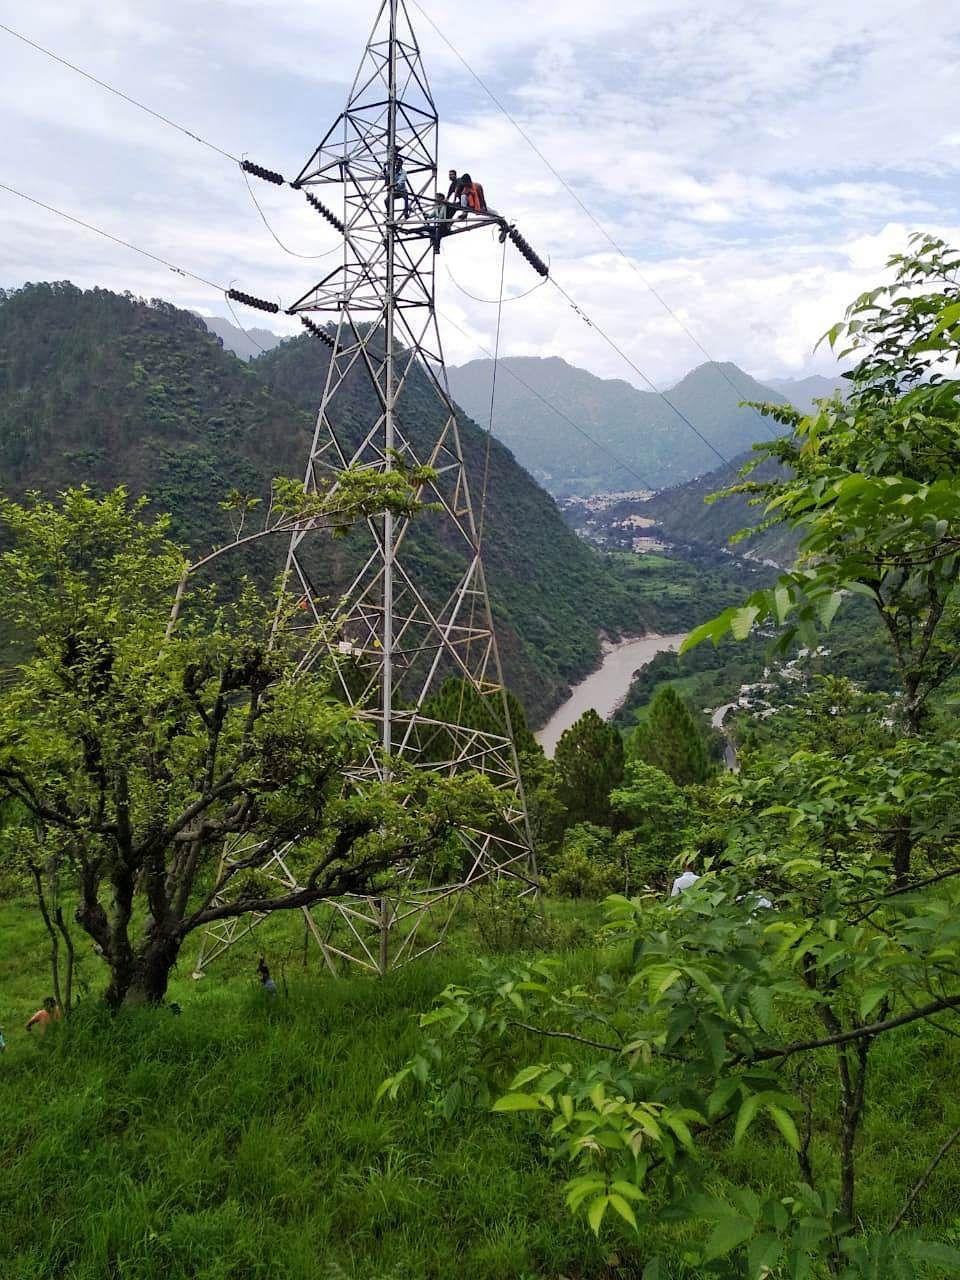 विद्युत लाइन क्षतिग्रस्त, चमोली जिले में आपूर्ति बाधित